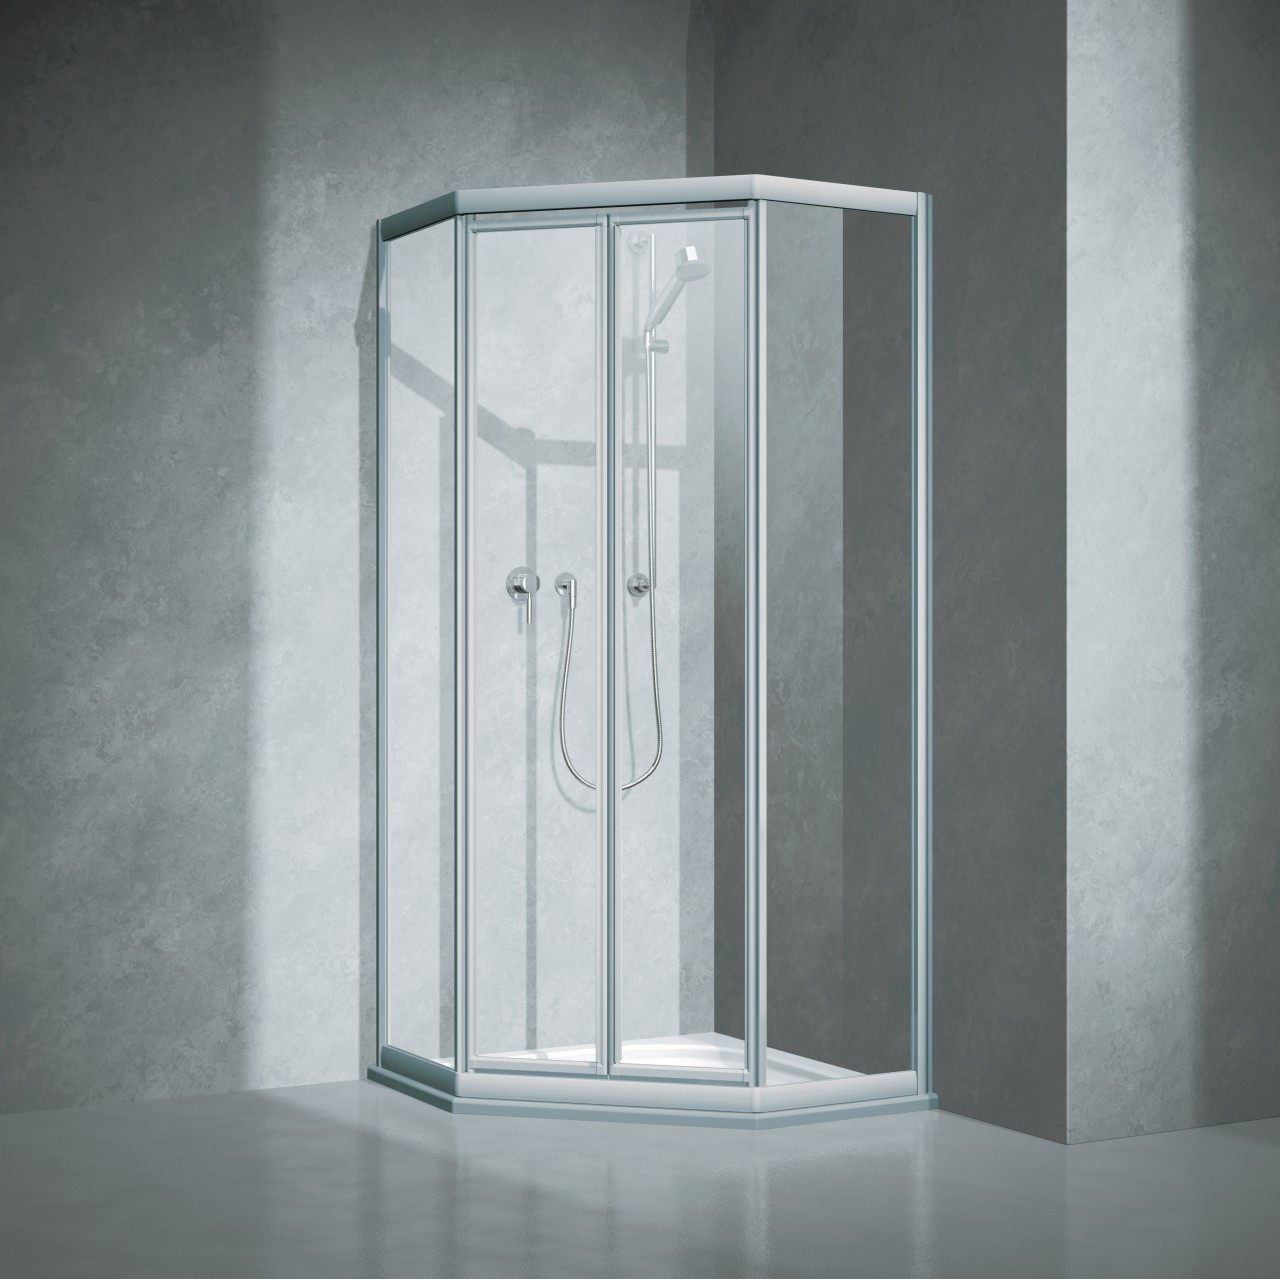 sonstige koralle preisvergleiche erfahrungsberichte. Black Bedroom Furniture Sets. Home Design Ideas